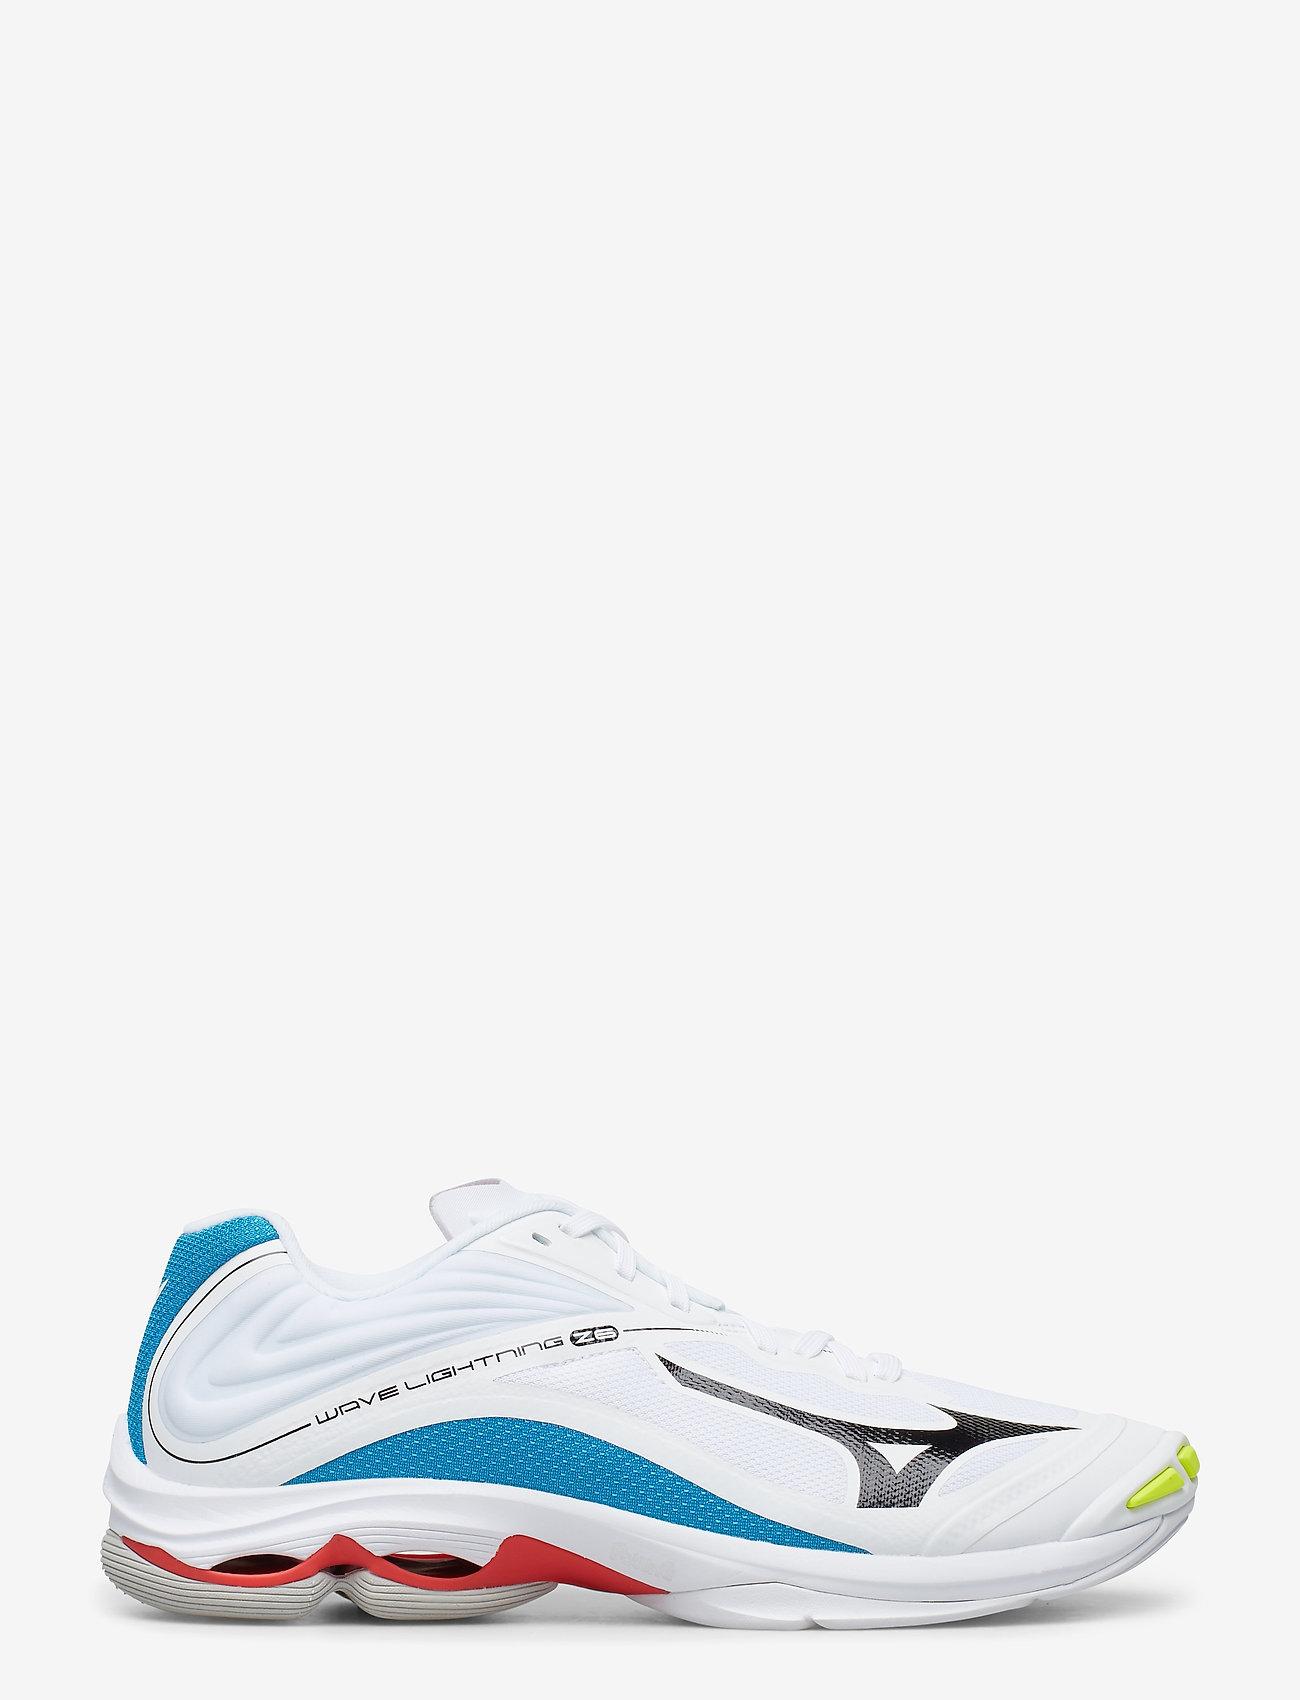 Wave Lightning Z6 (White / Black / Diva Blue) (1100 kr) - Mizuno